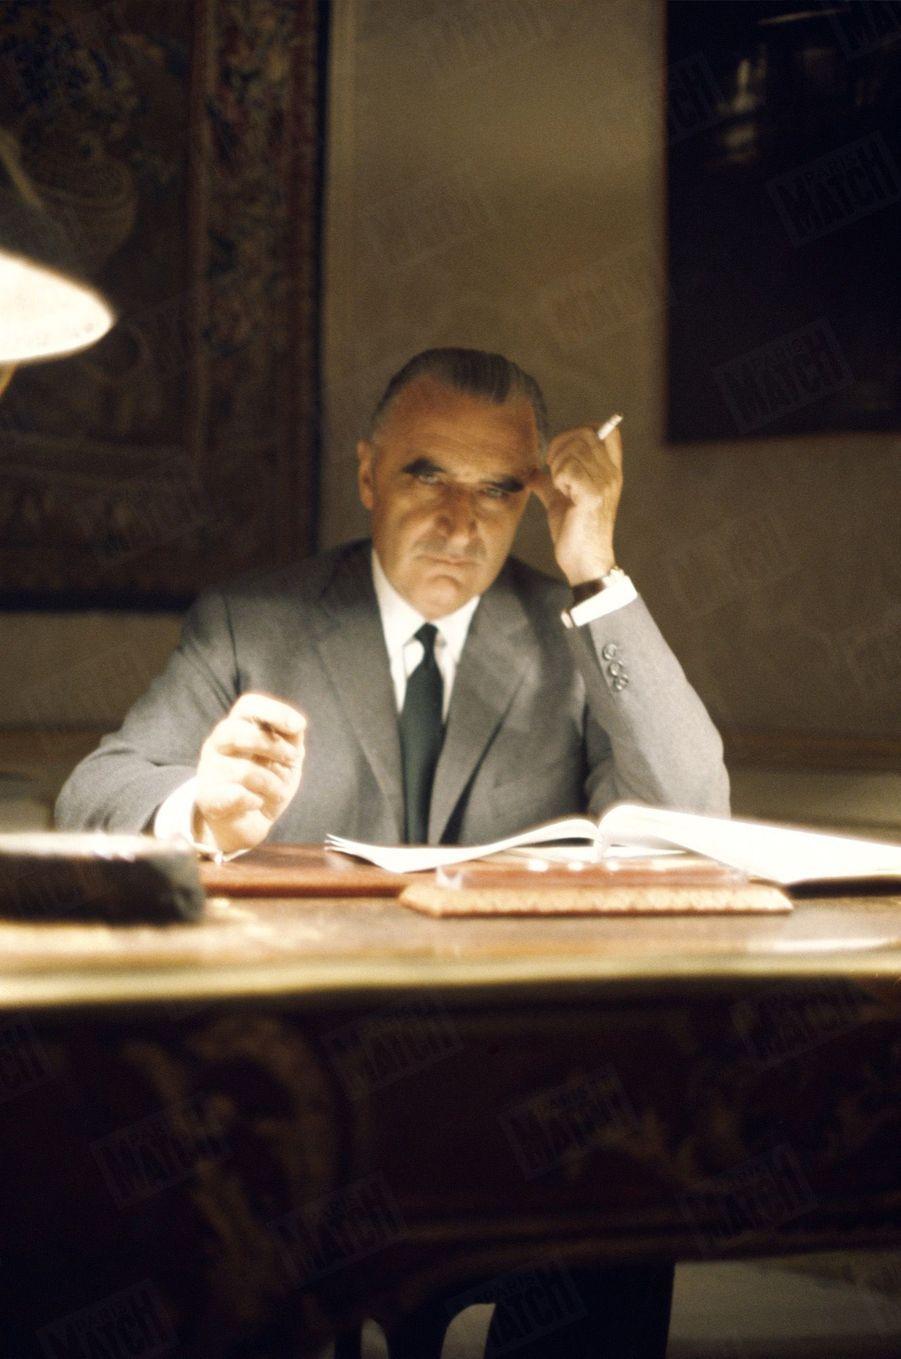 Le Premier ministre Georges Pompidou travaillant le soir à son bureau, à l'hôtel Matignon, durant les évènements de mai 68.